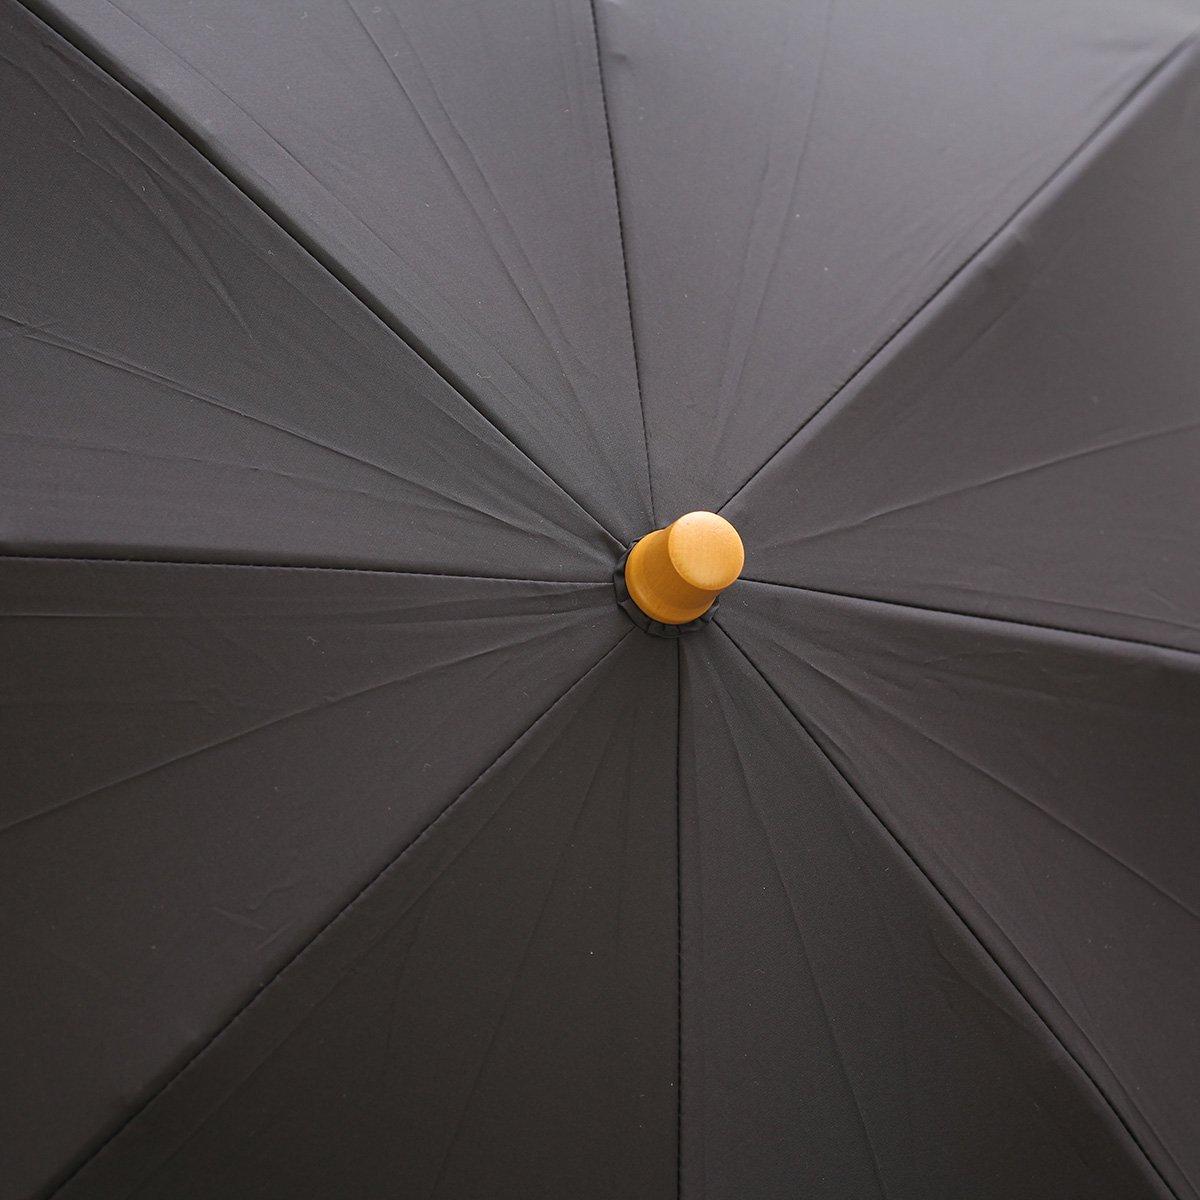 強力撥水 レインバリア 折りたたみ傘 詳細画像9